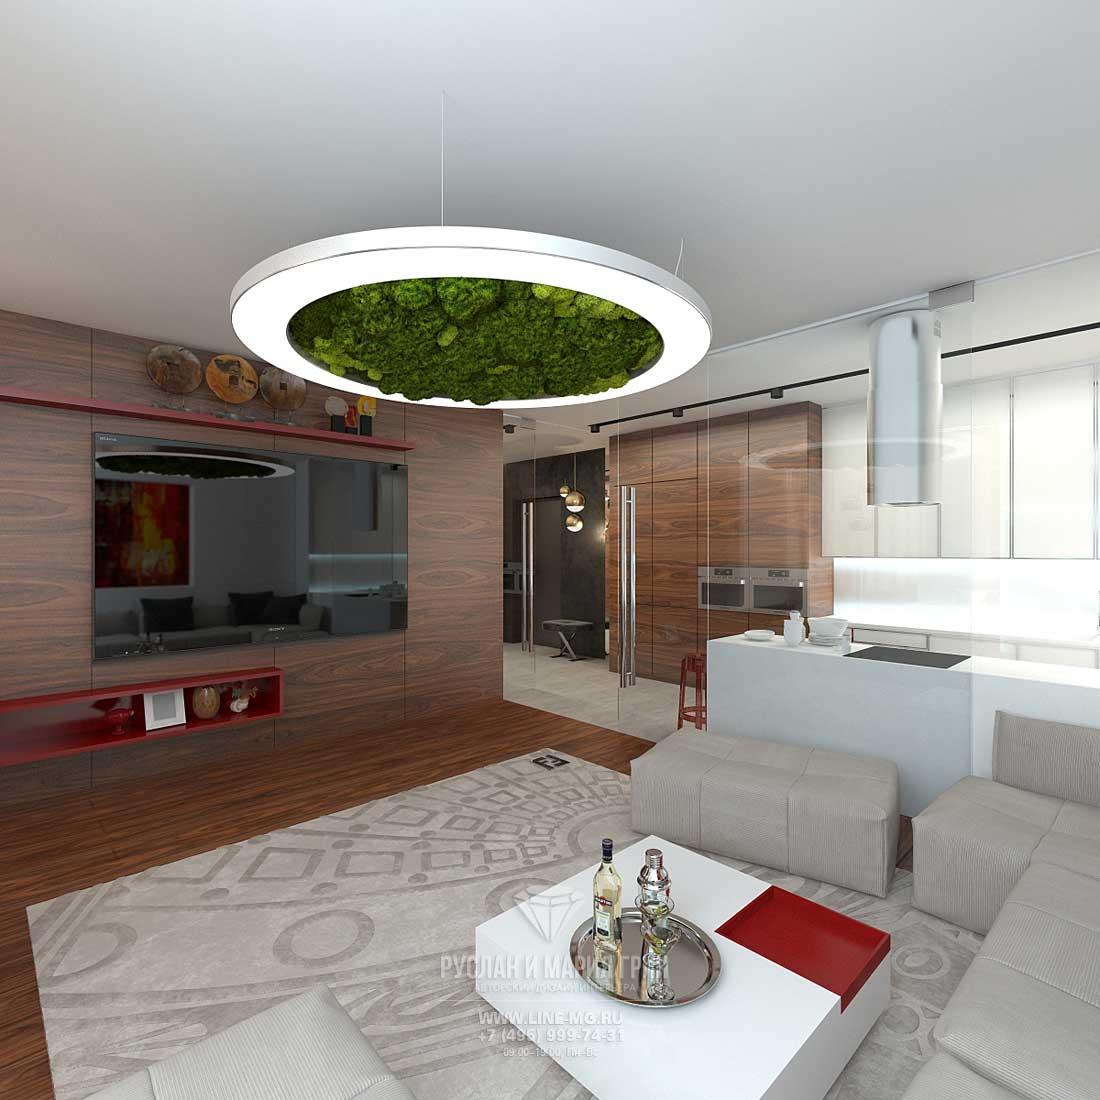 Современная гостиная в квартире для студента